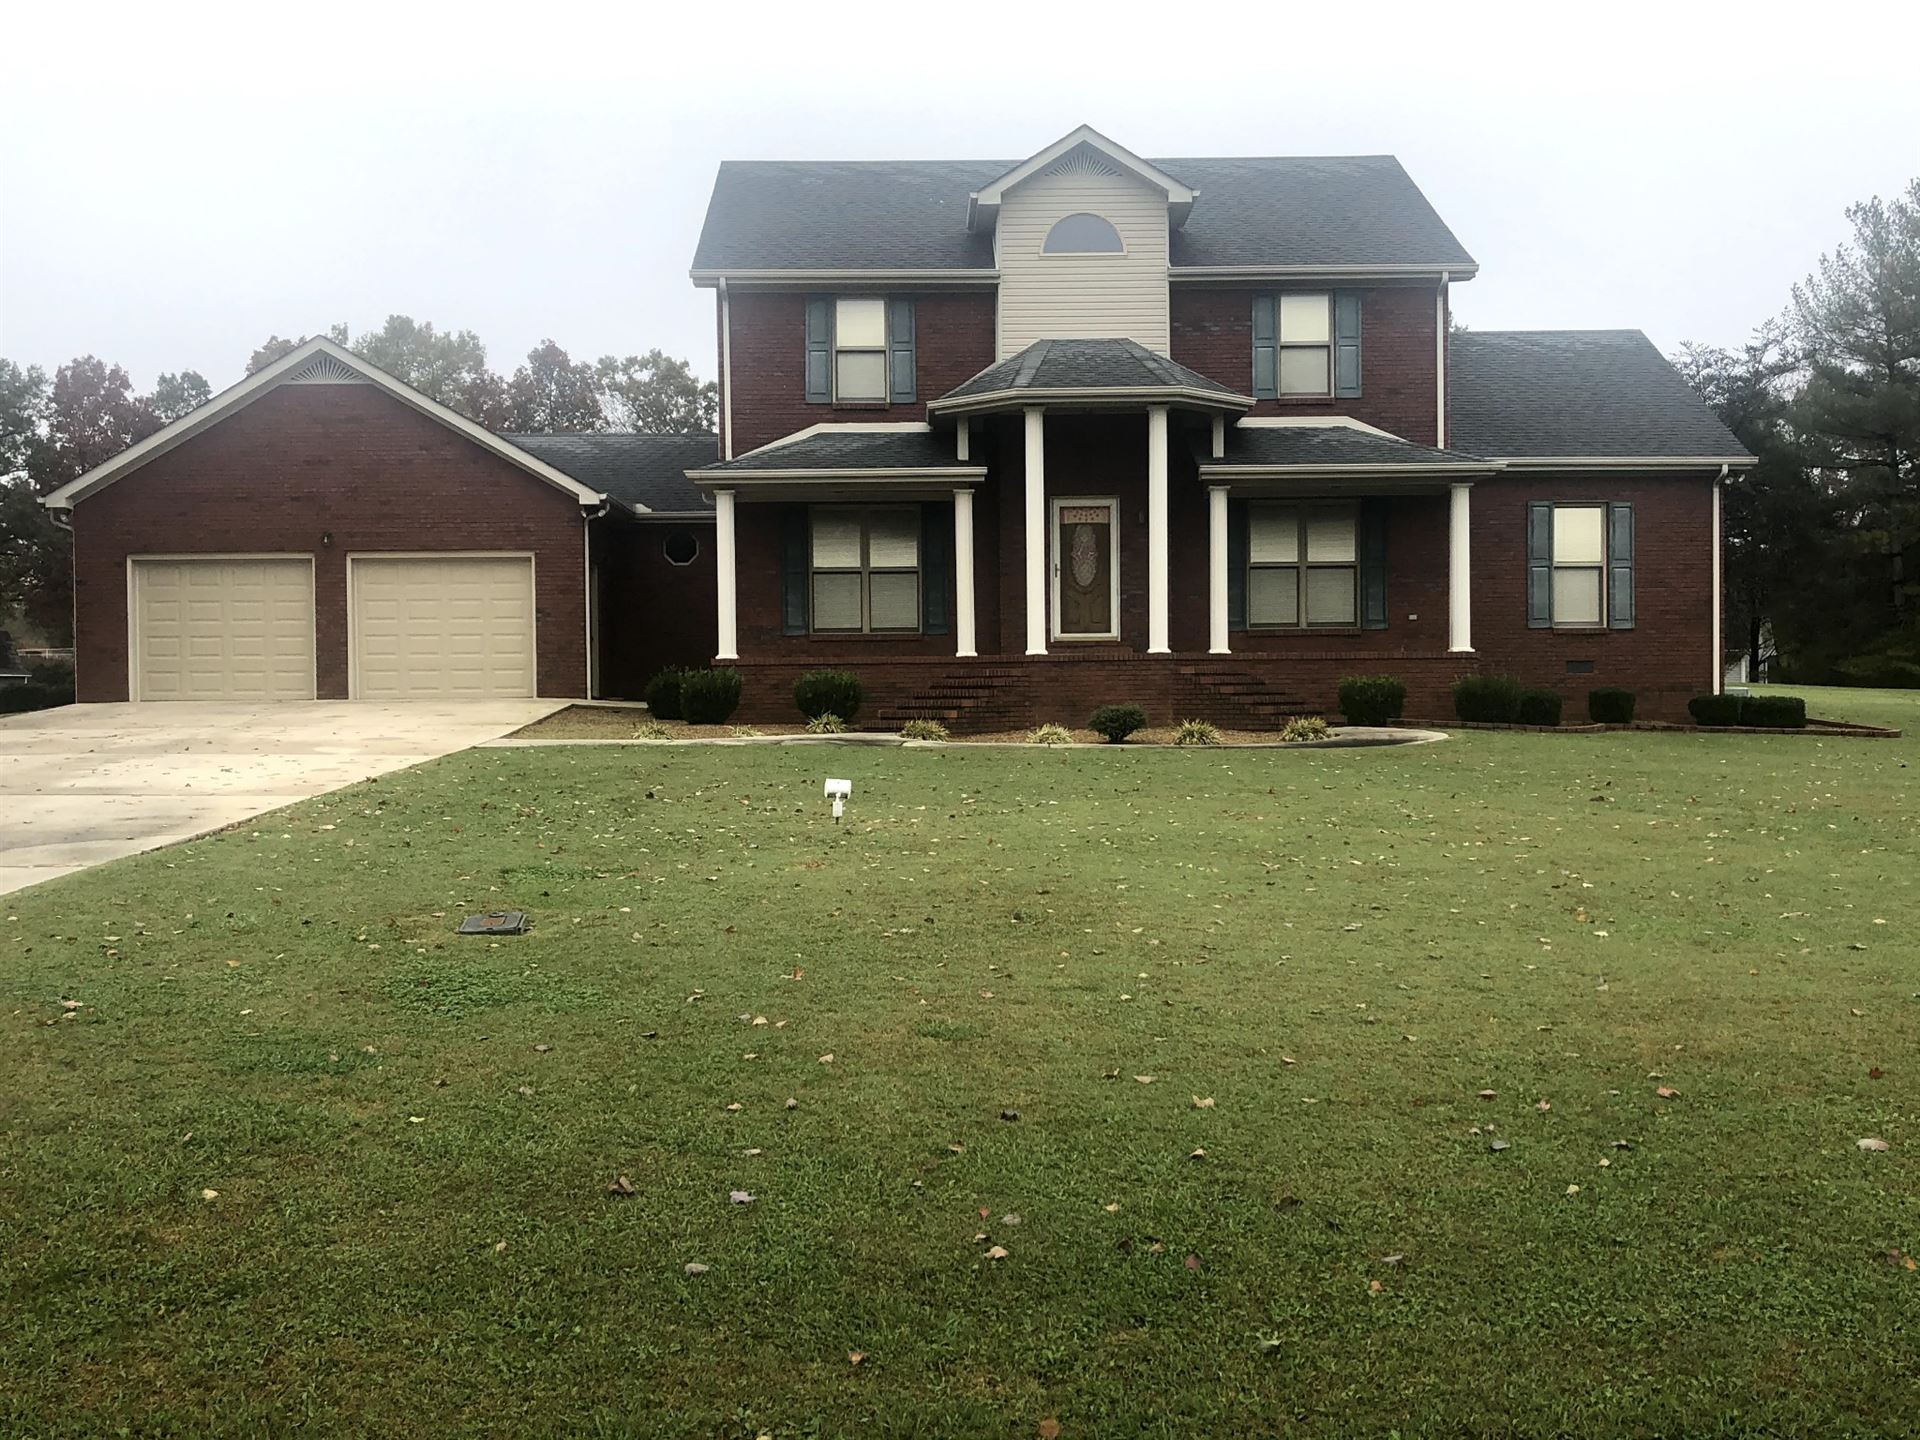 71 Shawna St, McMinnville, TN 37110 - MLS#: 2209434